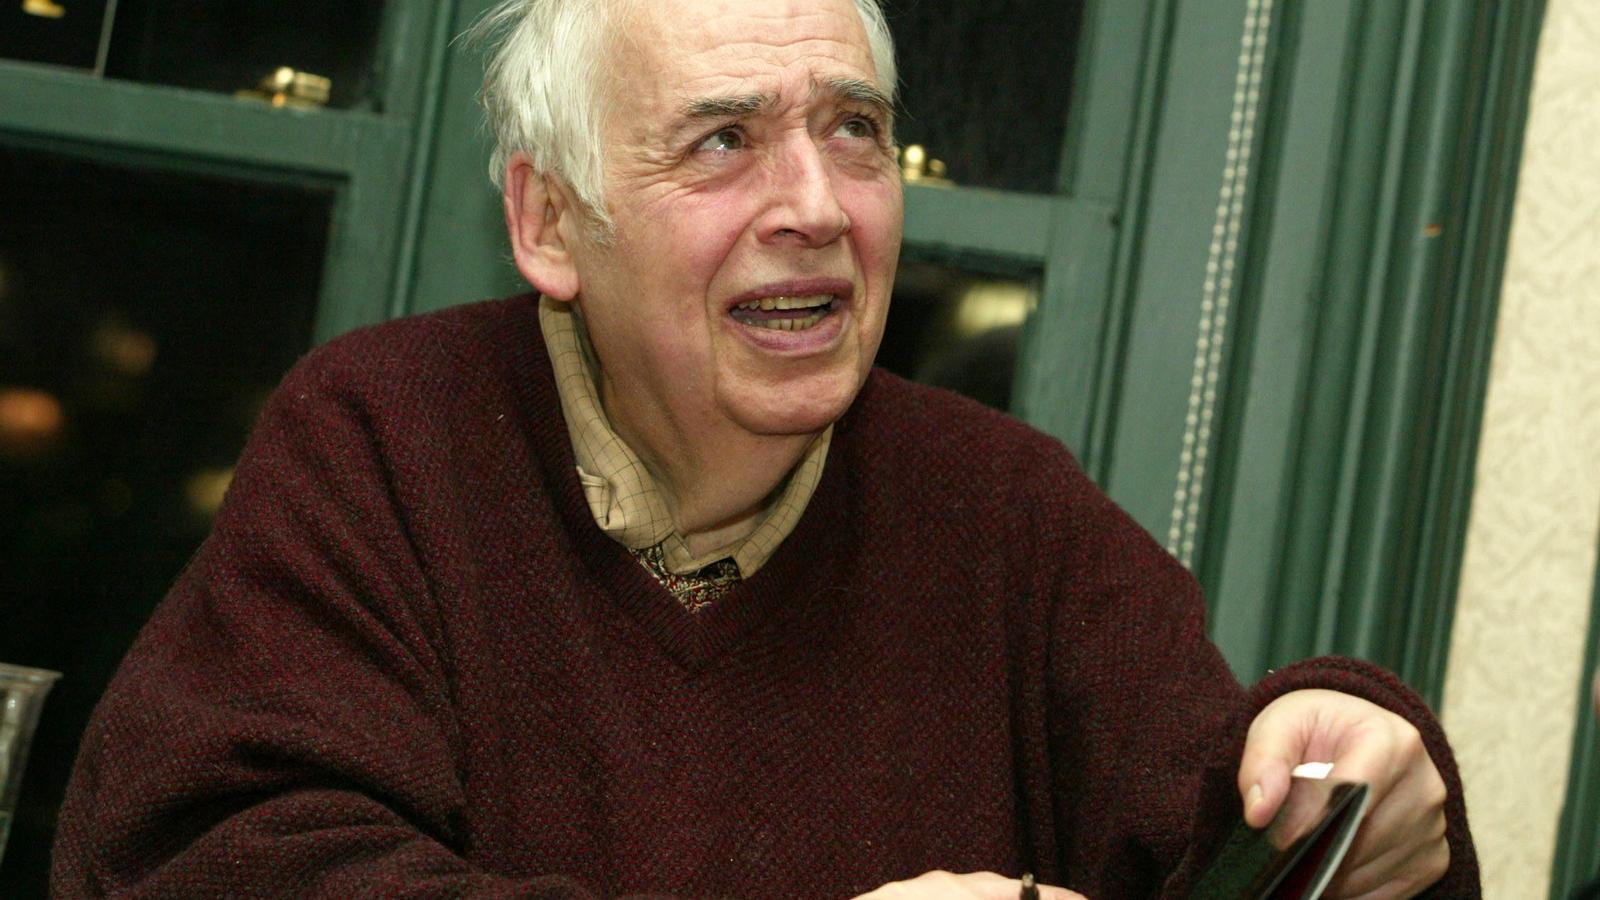 Mor el crític literari Harold Bloom als 89 anys